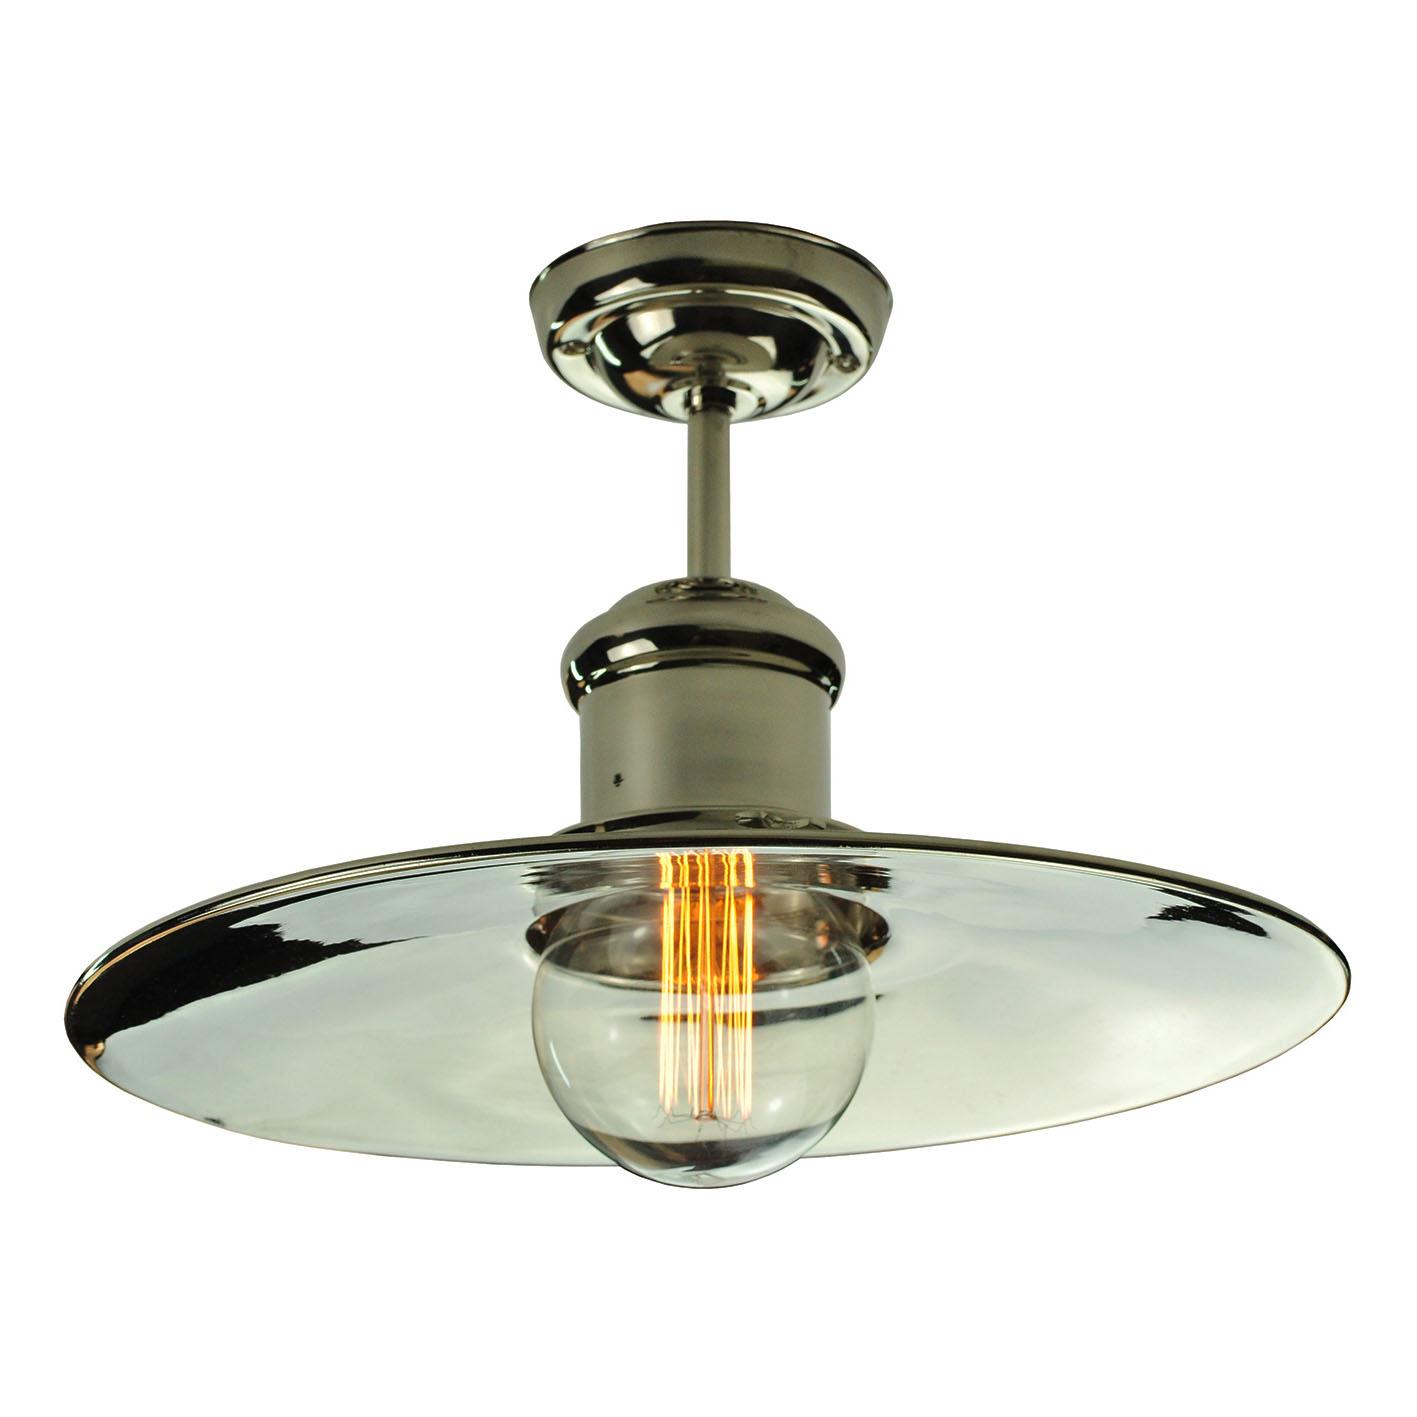 Ceiling Lights Edison : Edison large flush ceiling light enlighten of bath